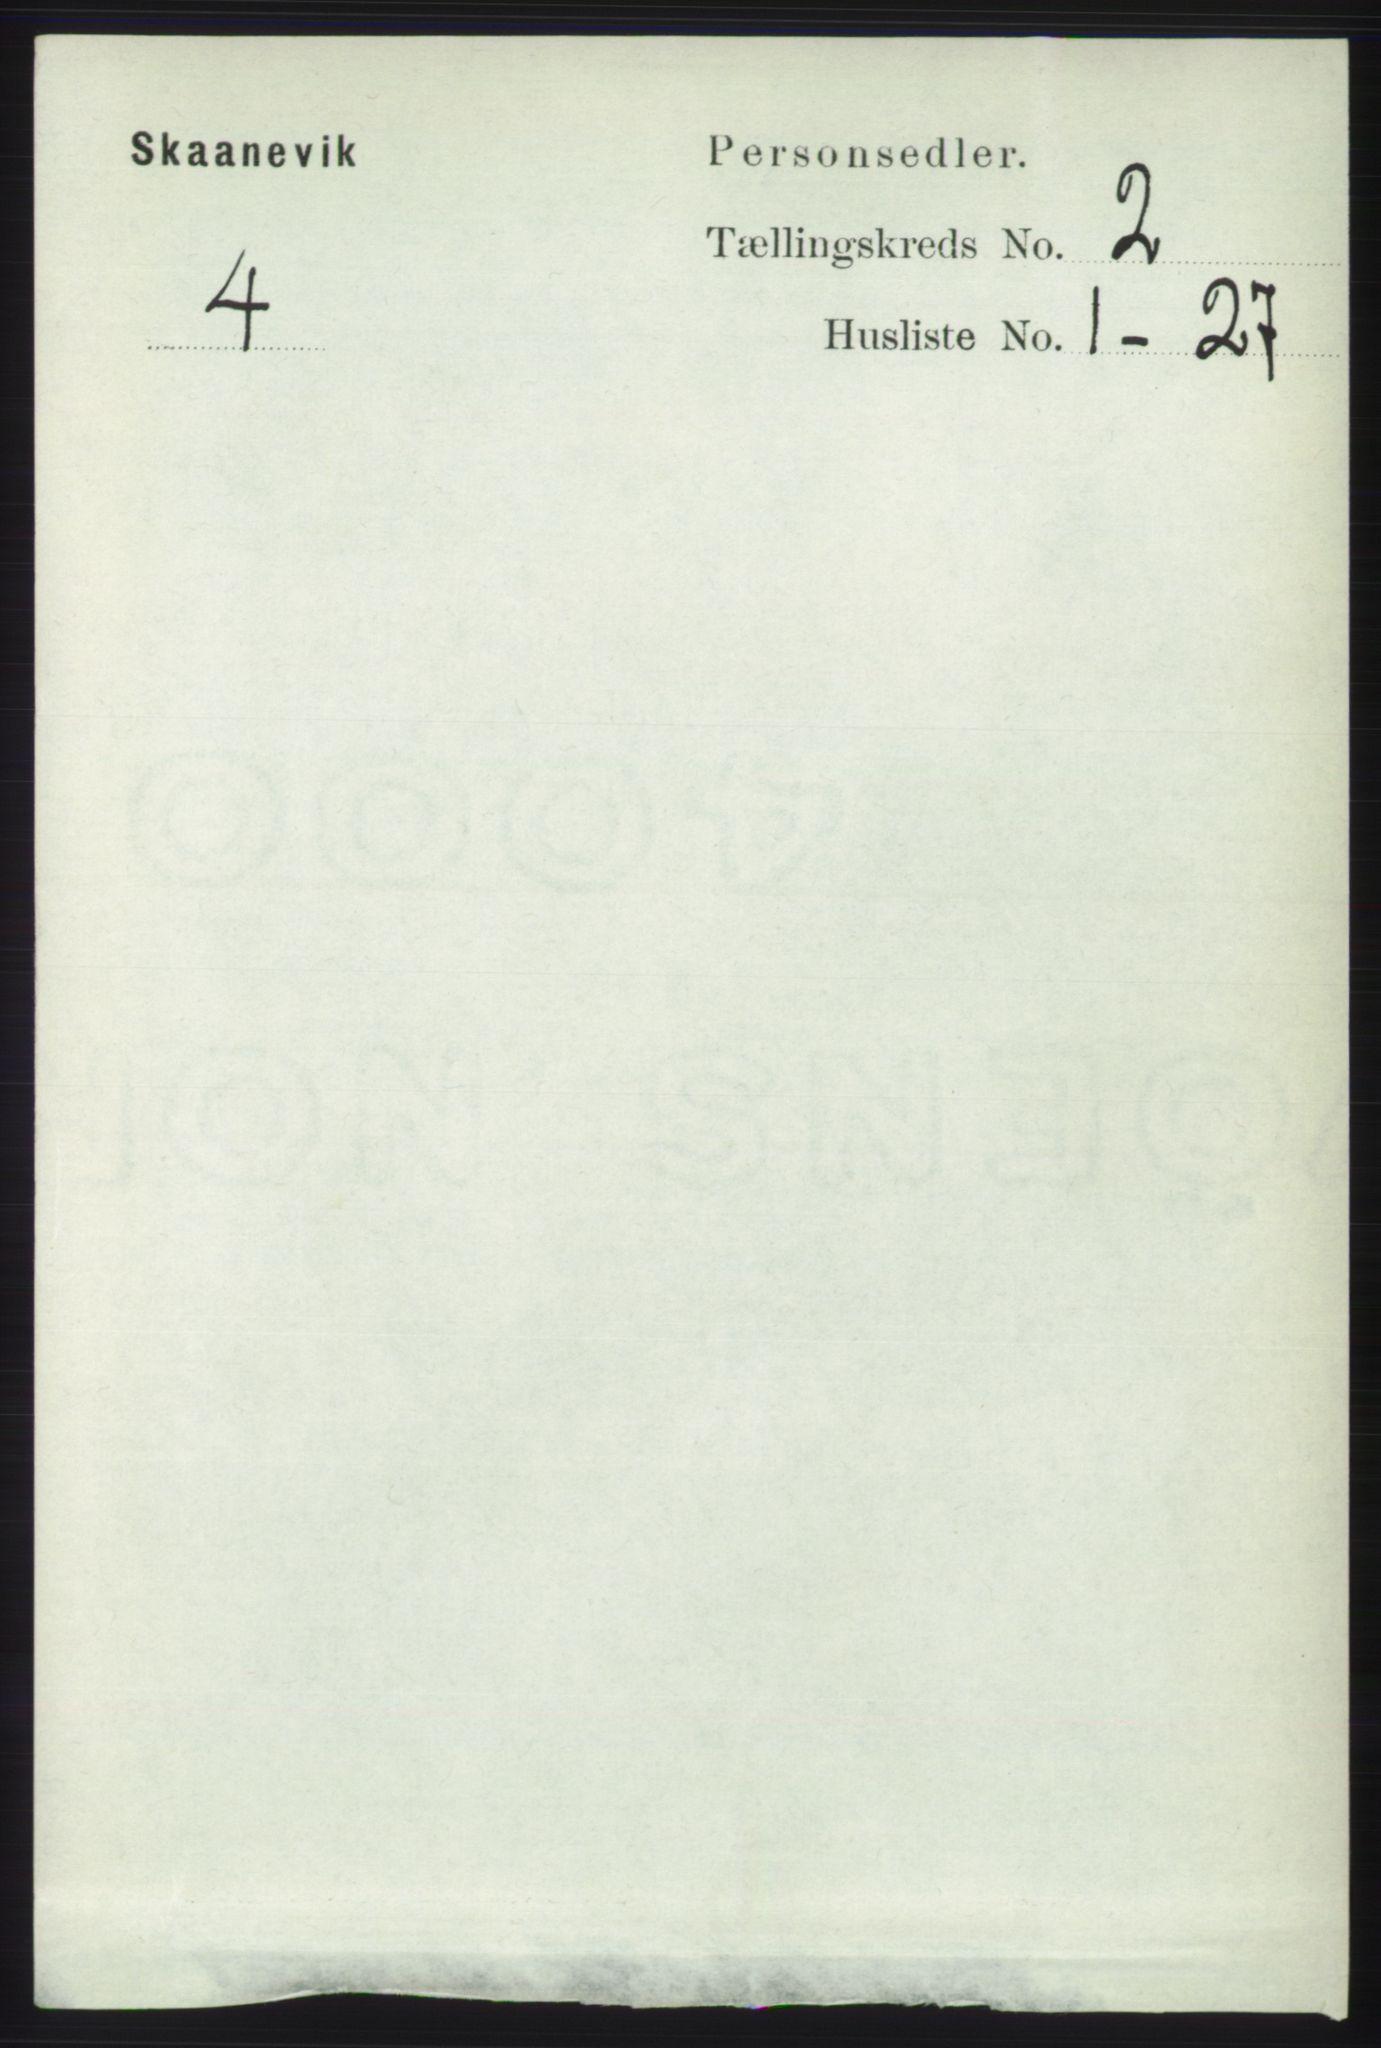 RA, Folketelling 1891 for 1212 Skånevik herred, 1891, s. 320